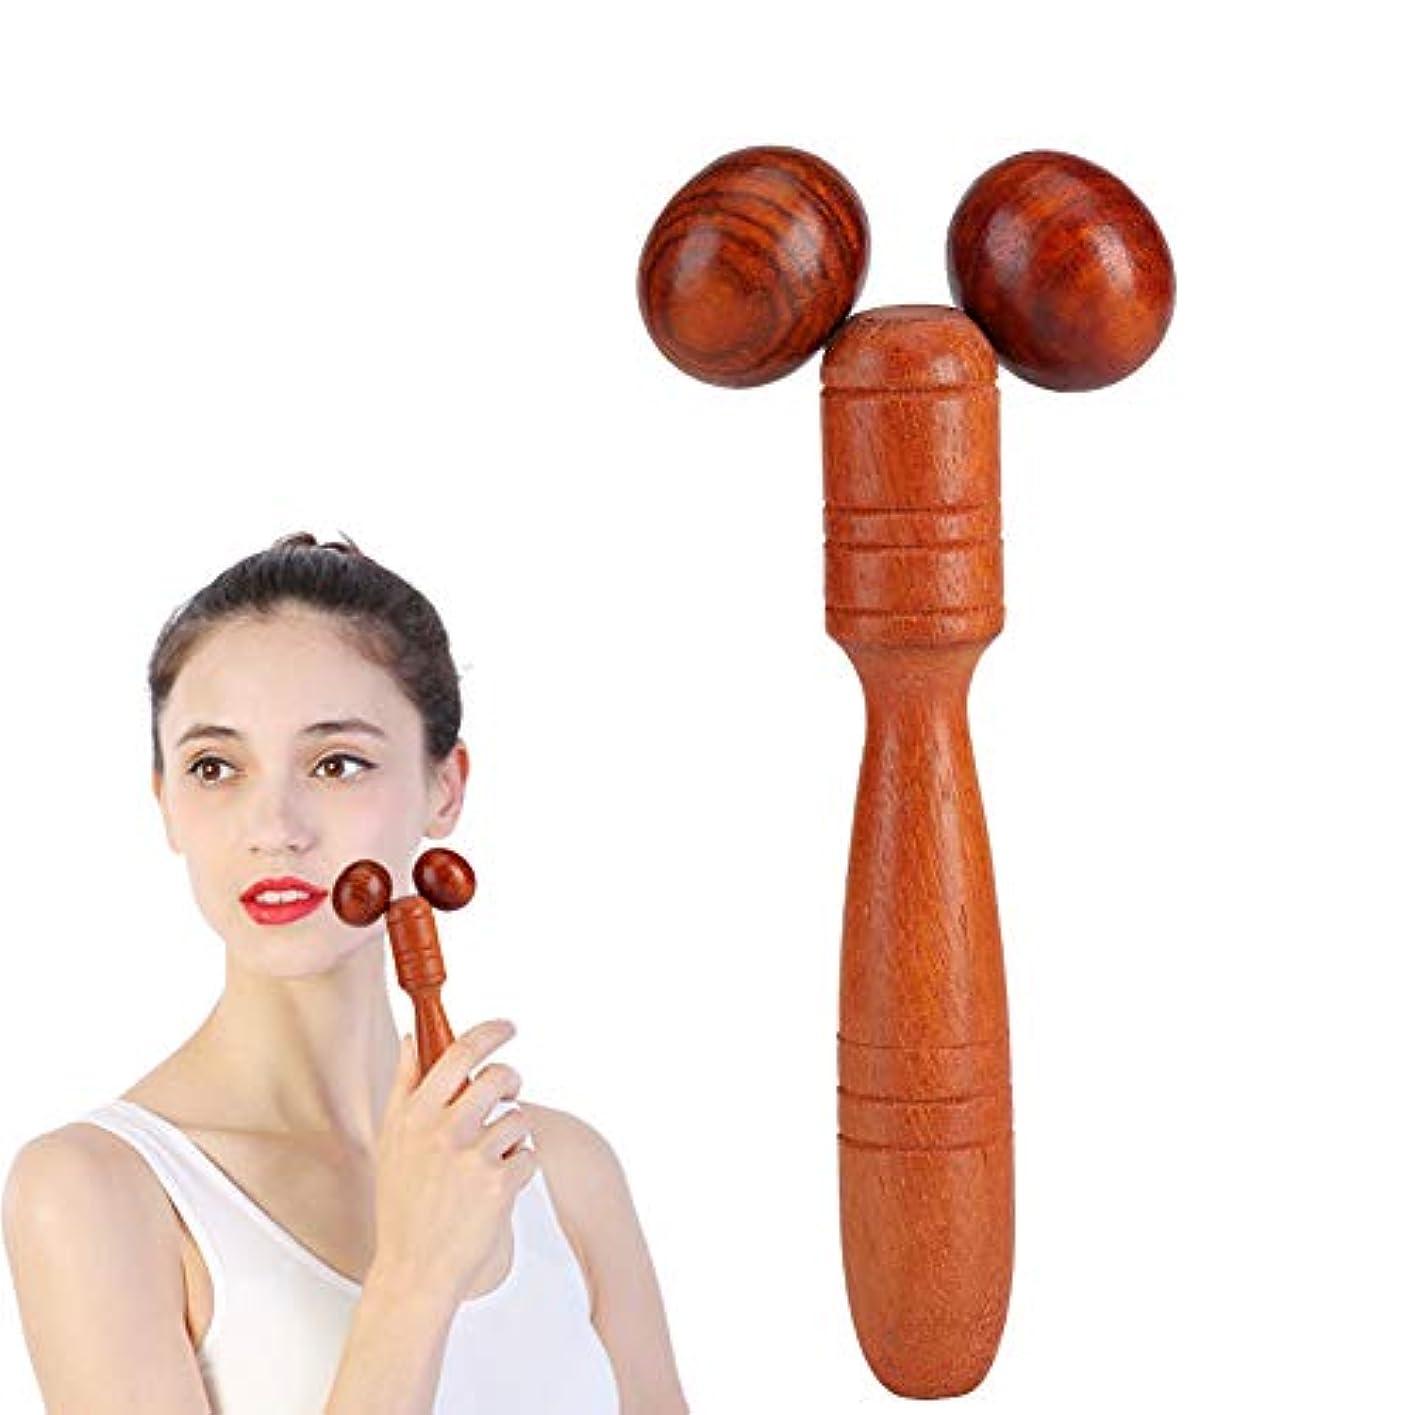 クレアコマース発送美顔 マッサージローラー 木製 マッサージ棒 官足棒 グリグリ棒 押し棒 フェイシャルマッサージローラ Wood Roller Spa Therapy Thai Wooden Massager Stick Thin Face Hand Leg Head Neck Back Waist Face-Lift Massage tool